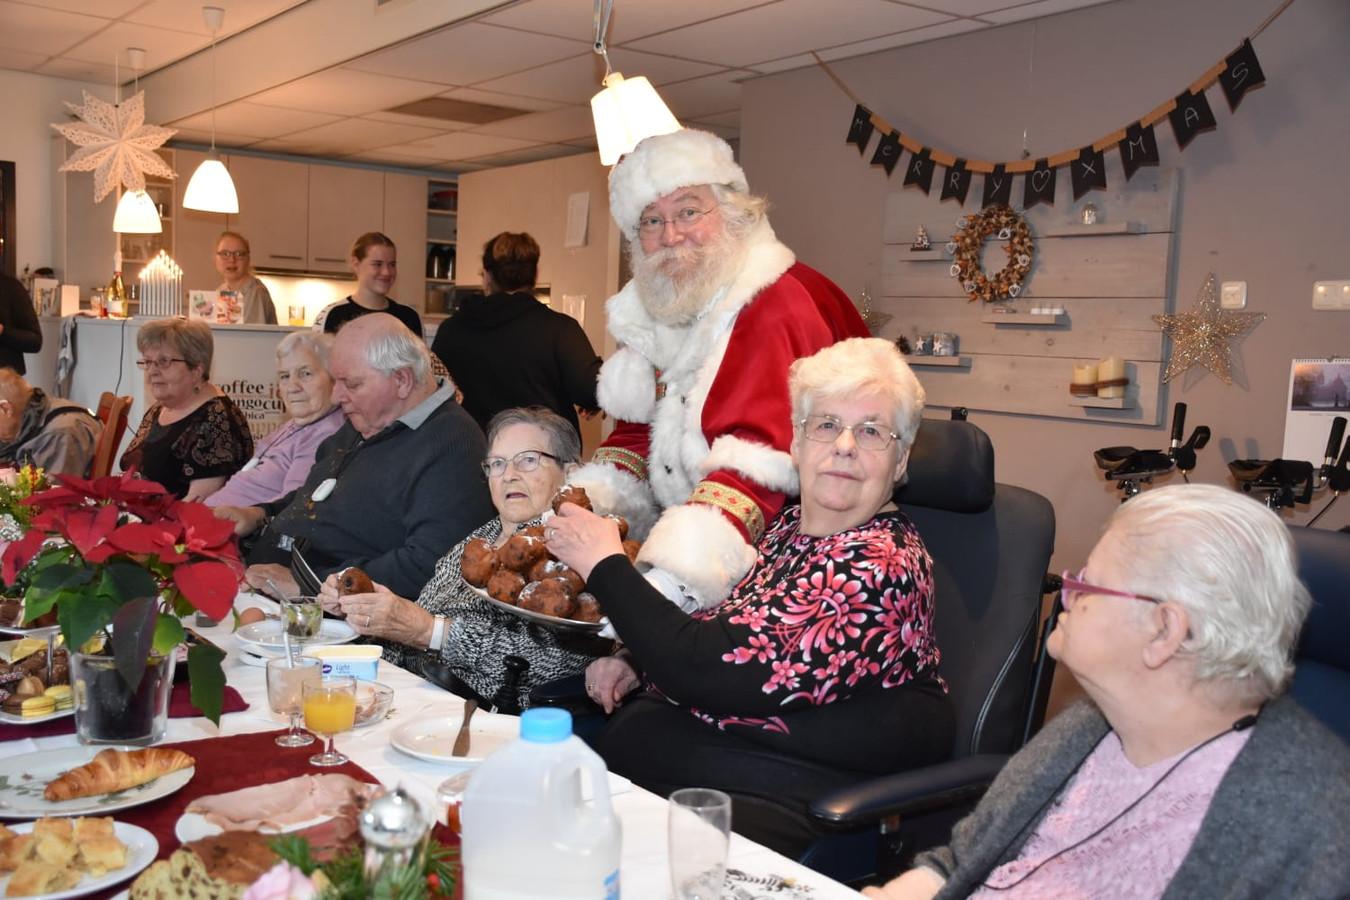 De Kerstman verrast de bewoners van Pieter Pauw met oliebollen.